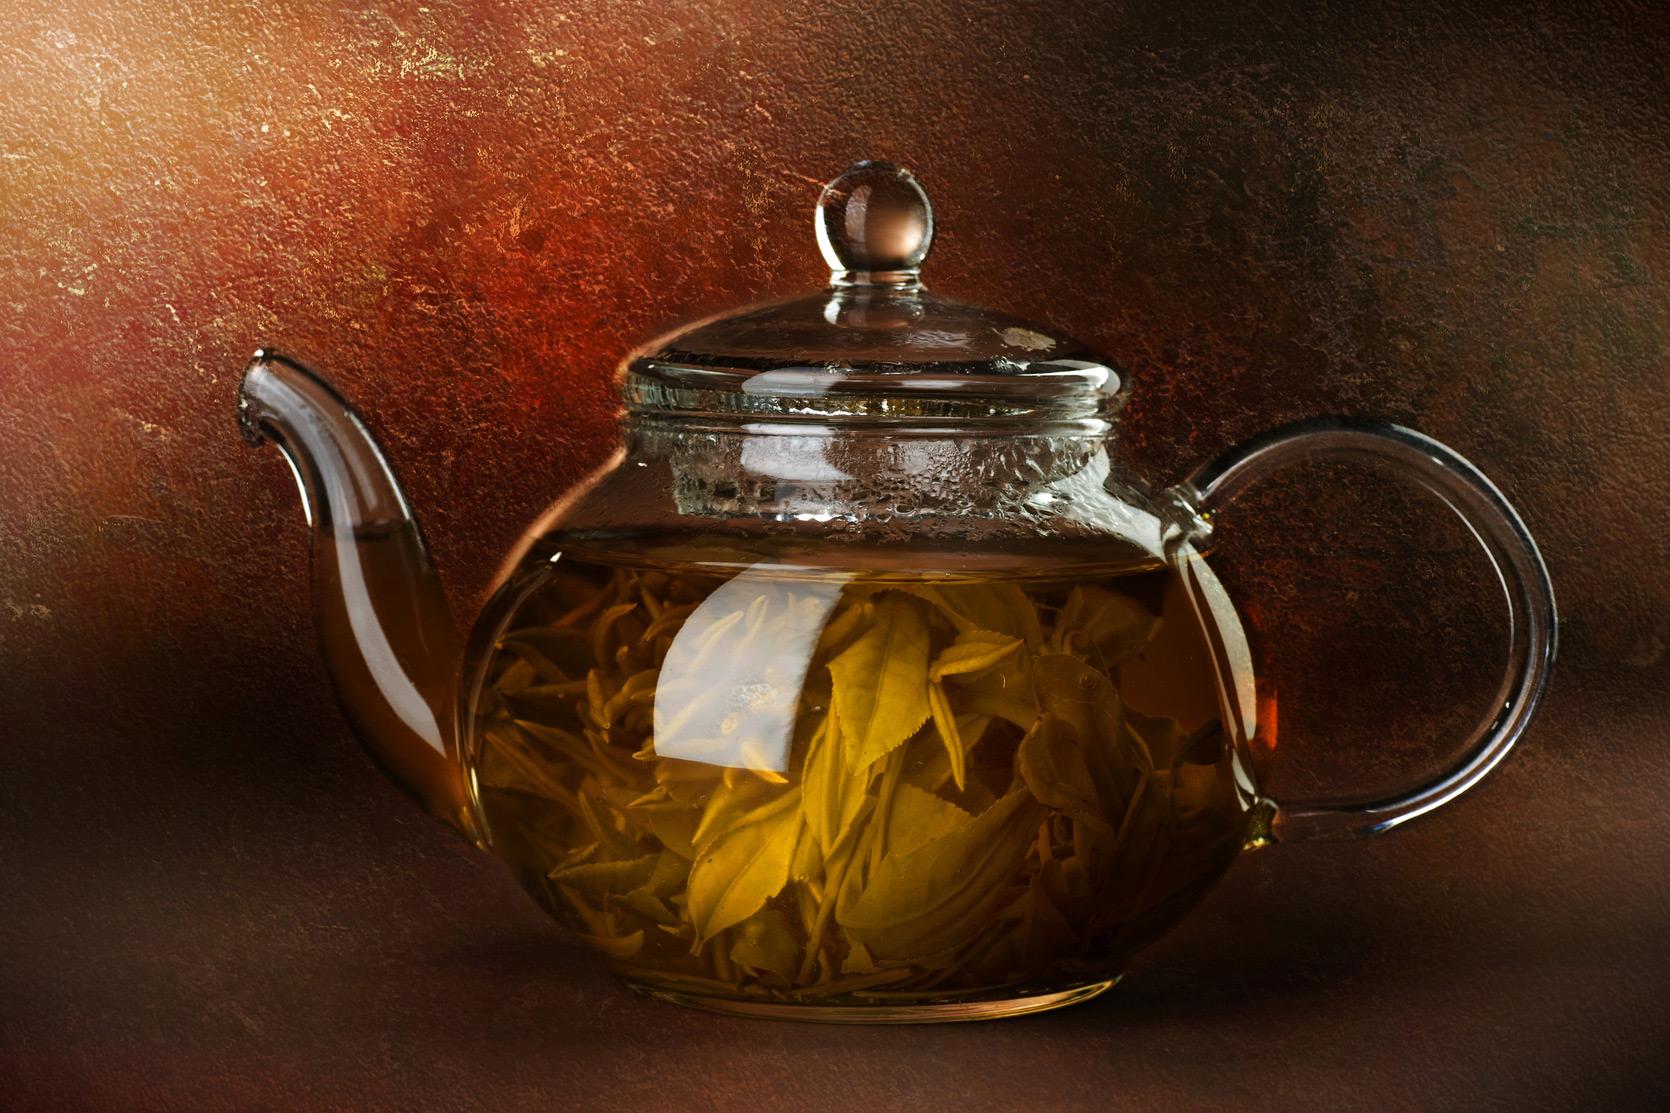 картинки зеленого чая в чайнике правило, описание